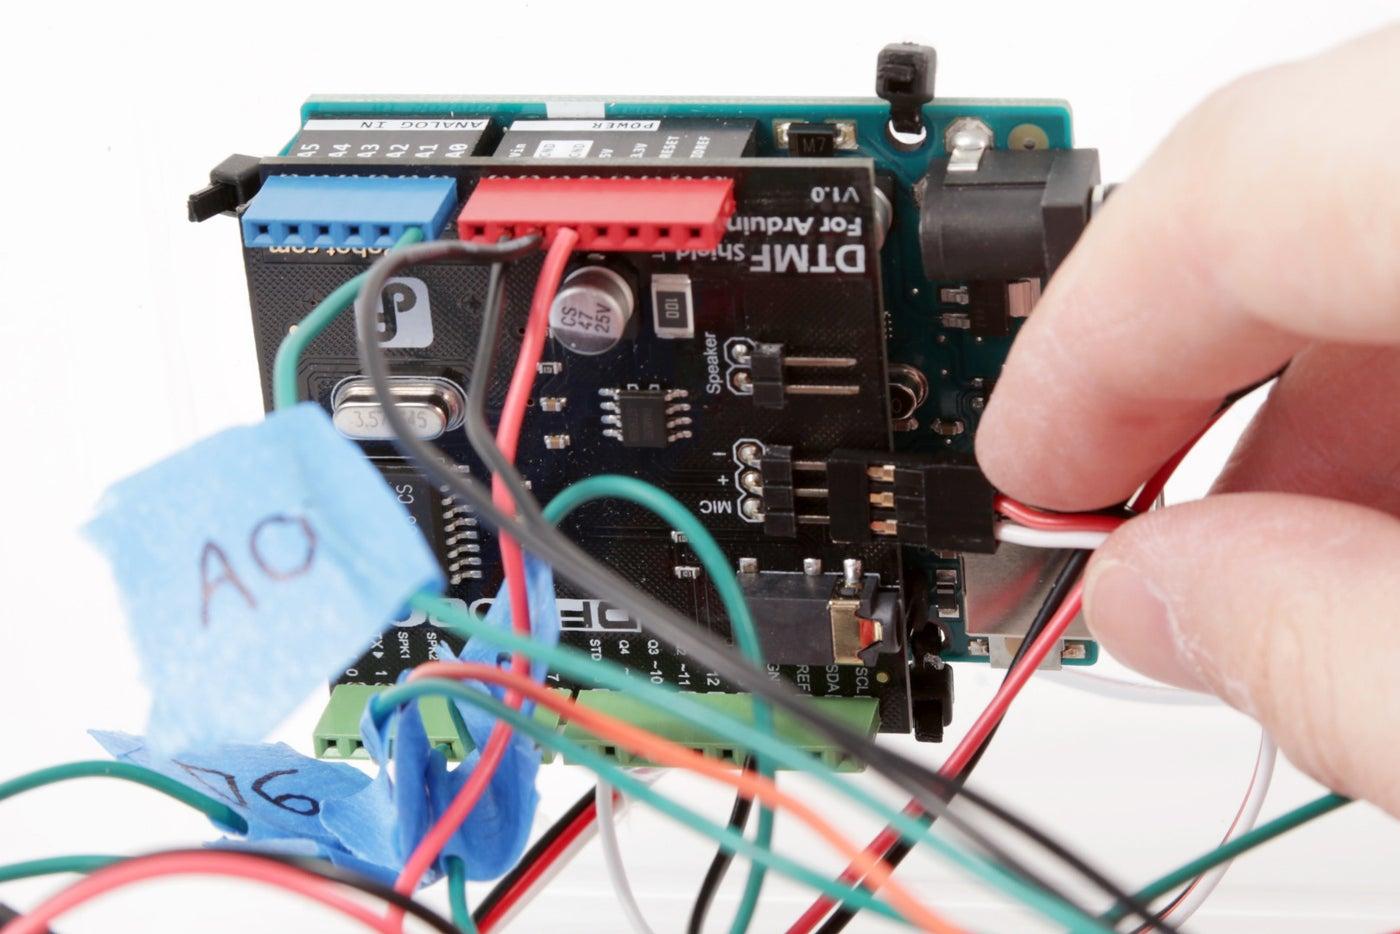 Plug in the Module